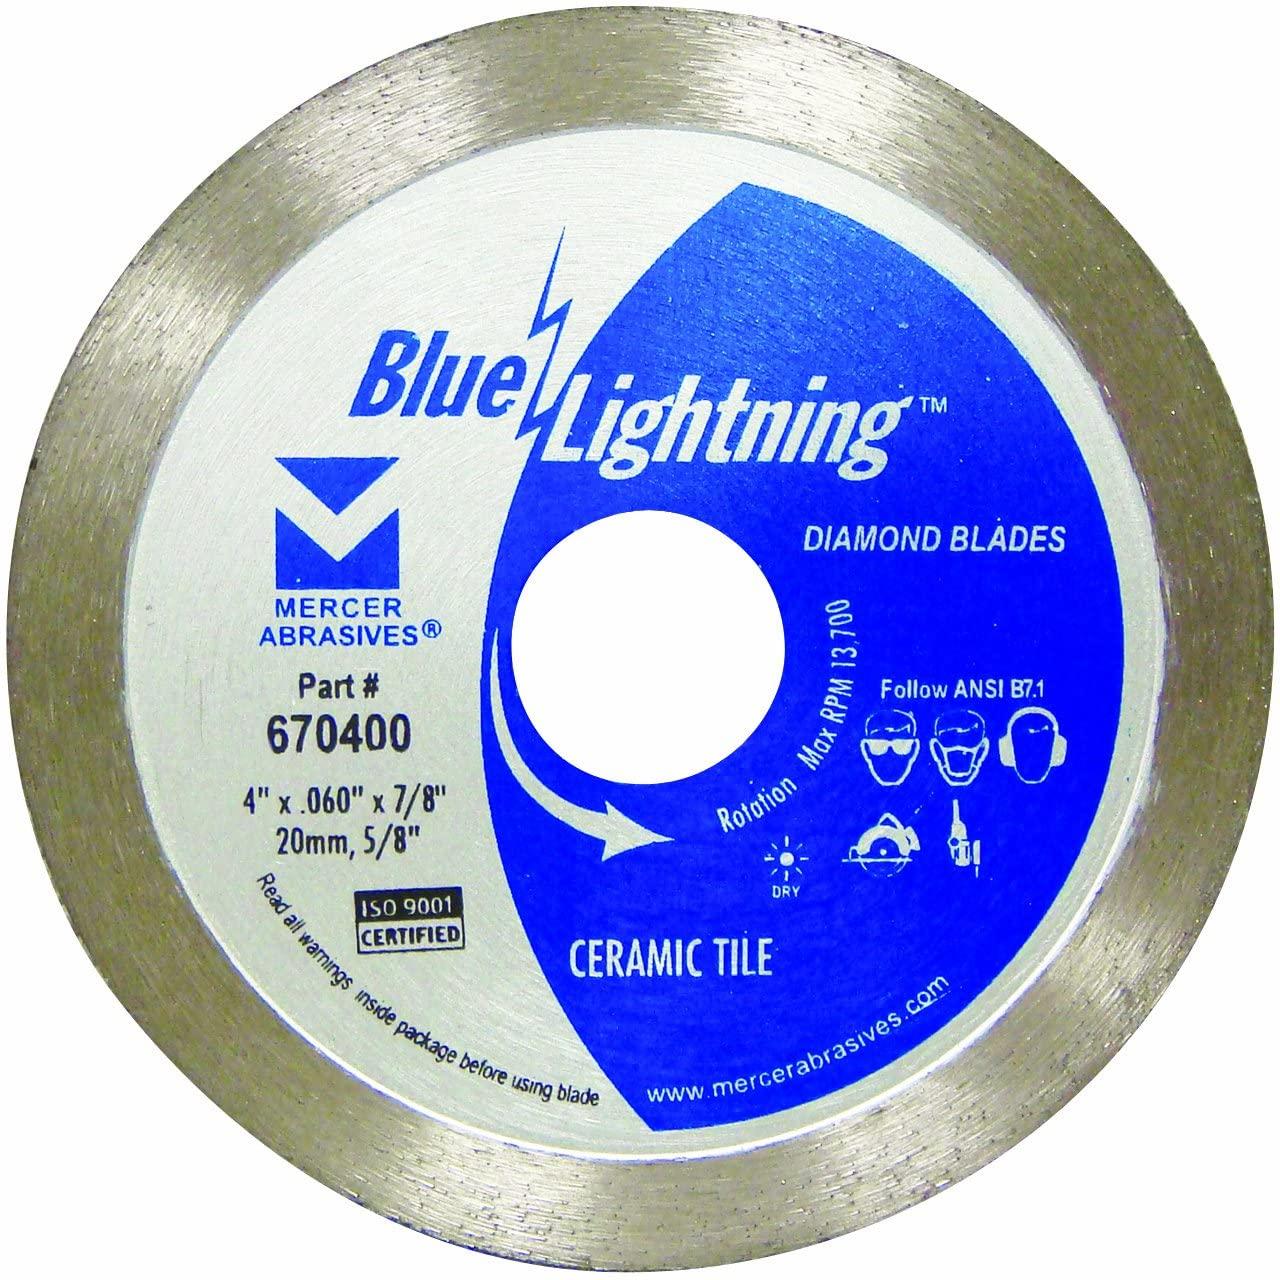 Mercer Abrasives 670400 Diamond Blade for Ceramic Tile, 4-Inch